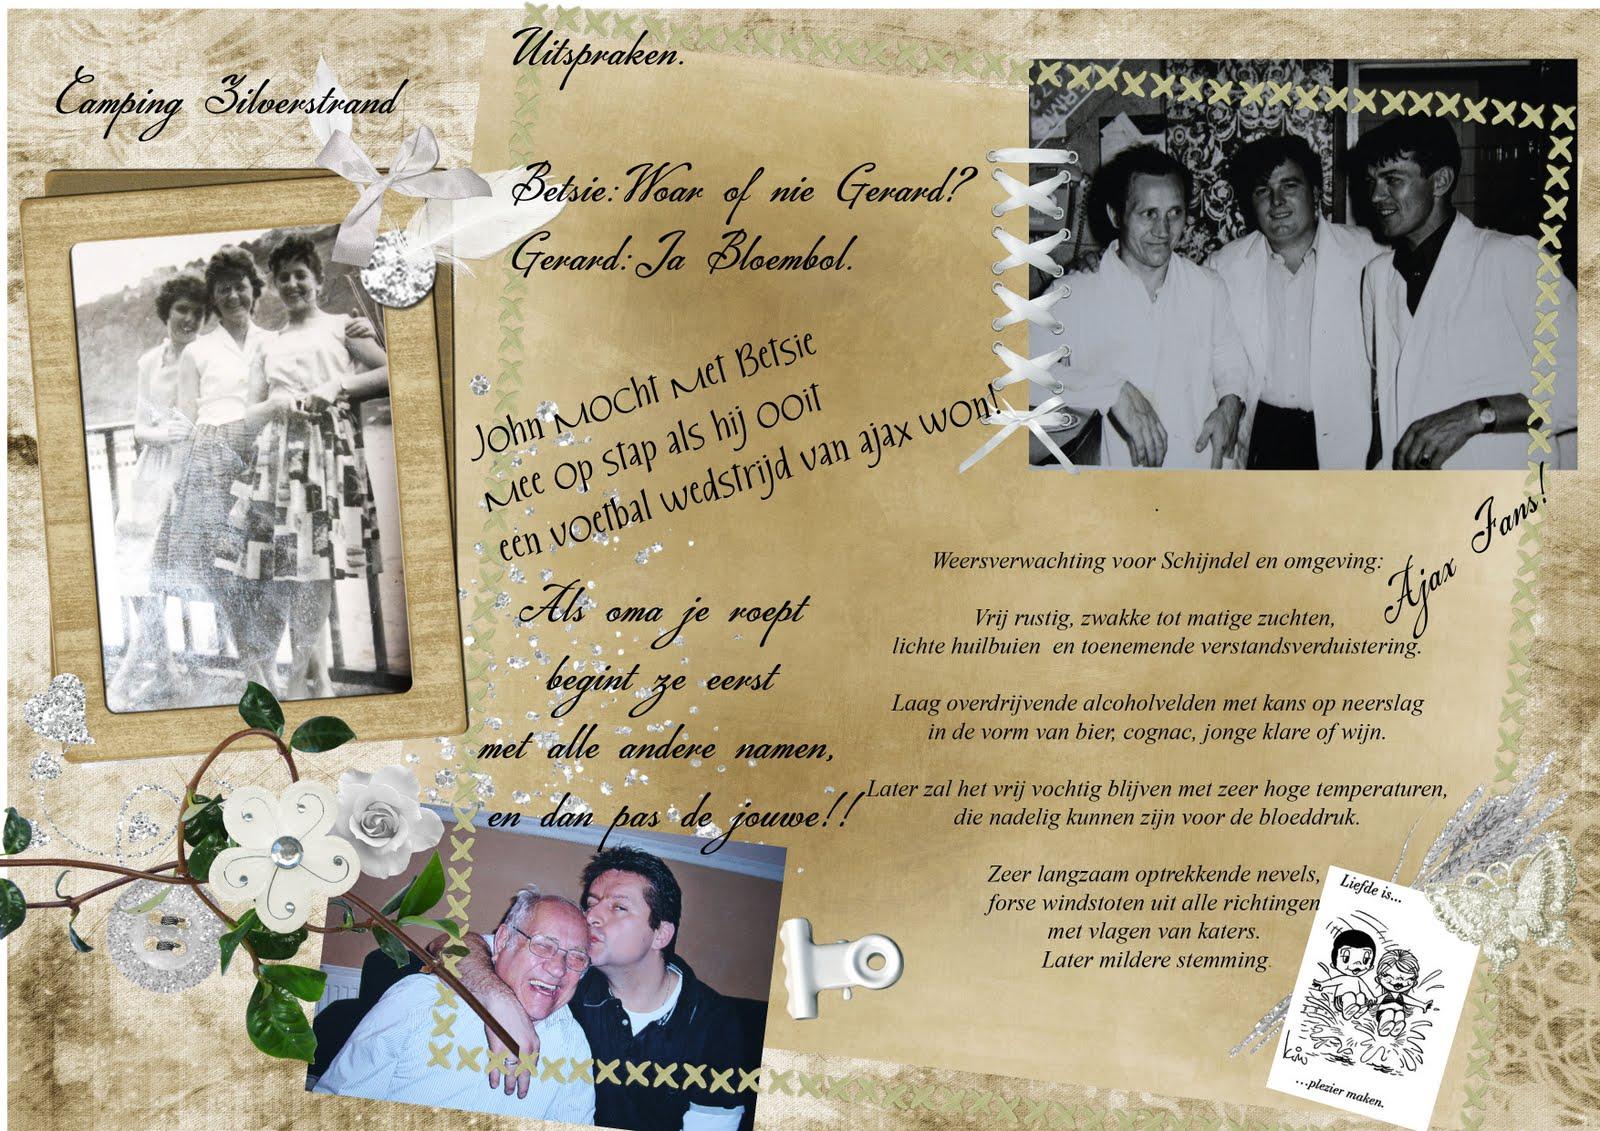 25 jaar getrouwd feestgids Sk@tjes en zo: Feestgids 50 jaar getrouwd 3 25 jaar getrouwd feestgids